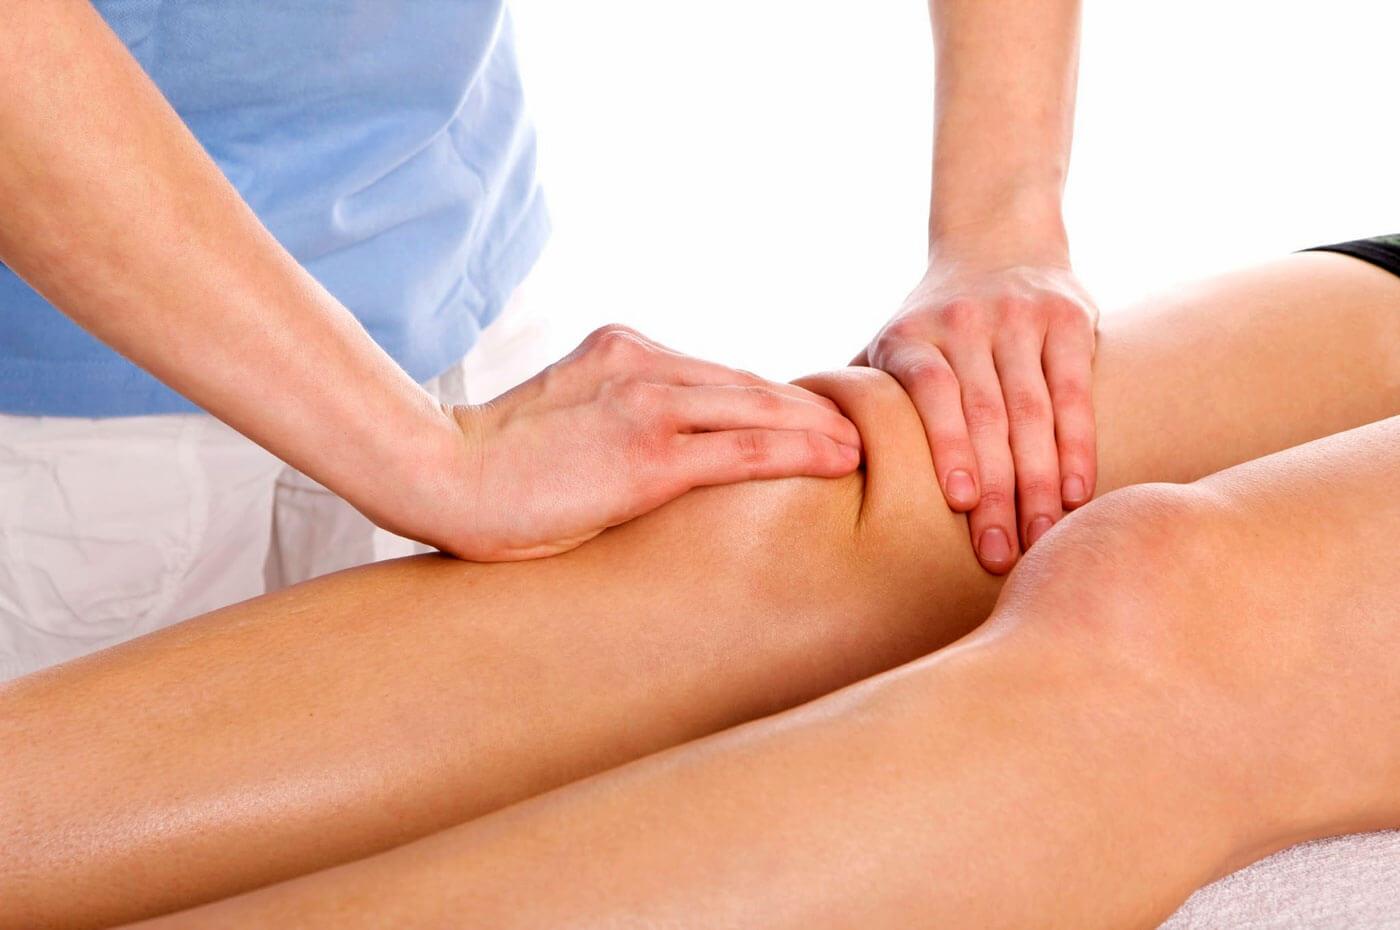 Мануальная терапия в лечении суставов средство при воспалении коленного сустава